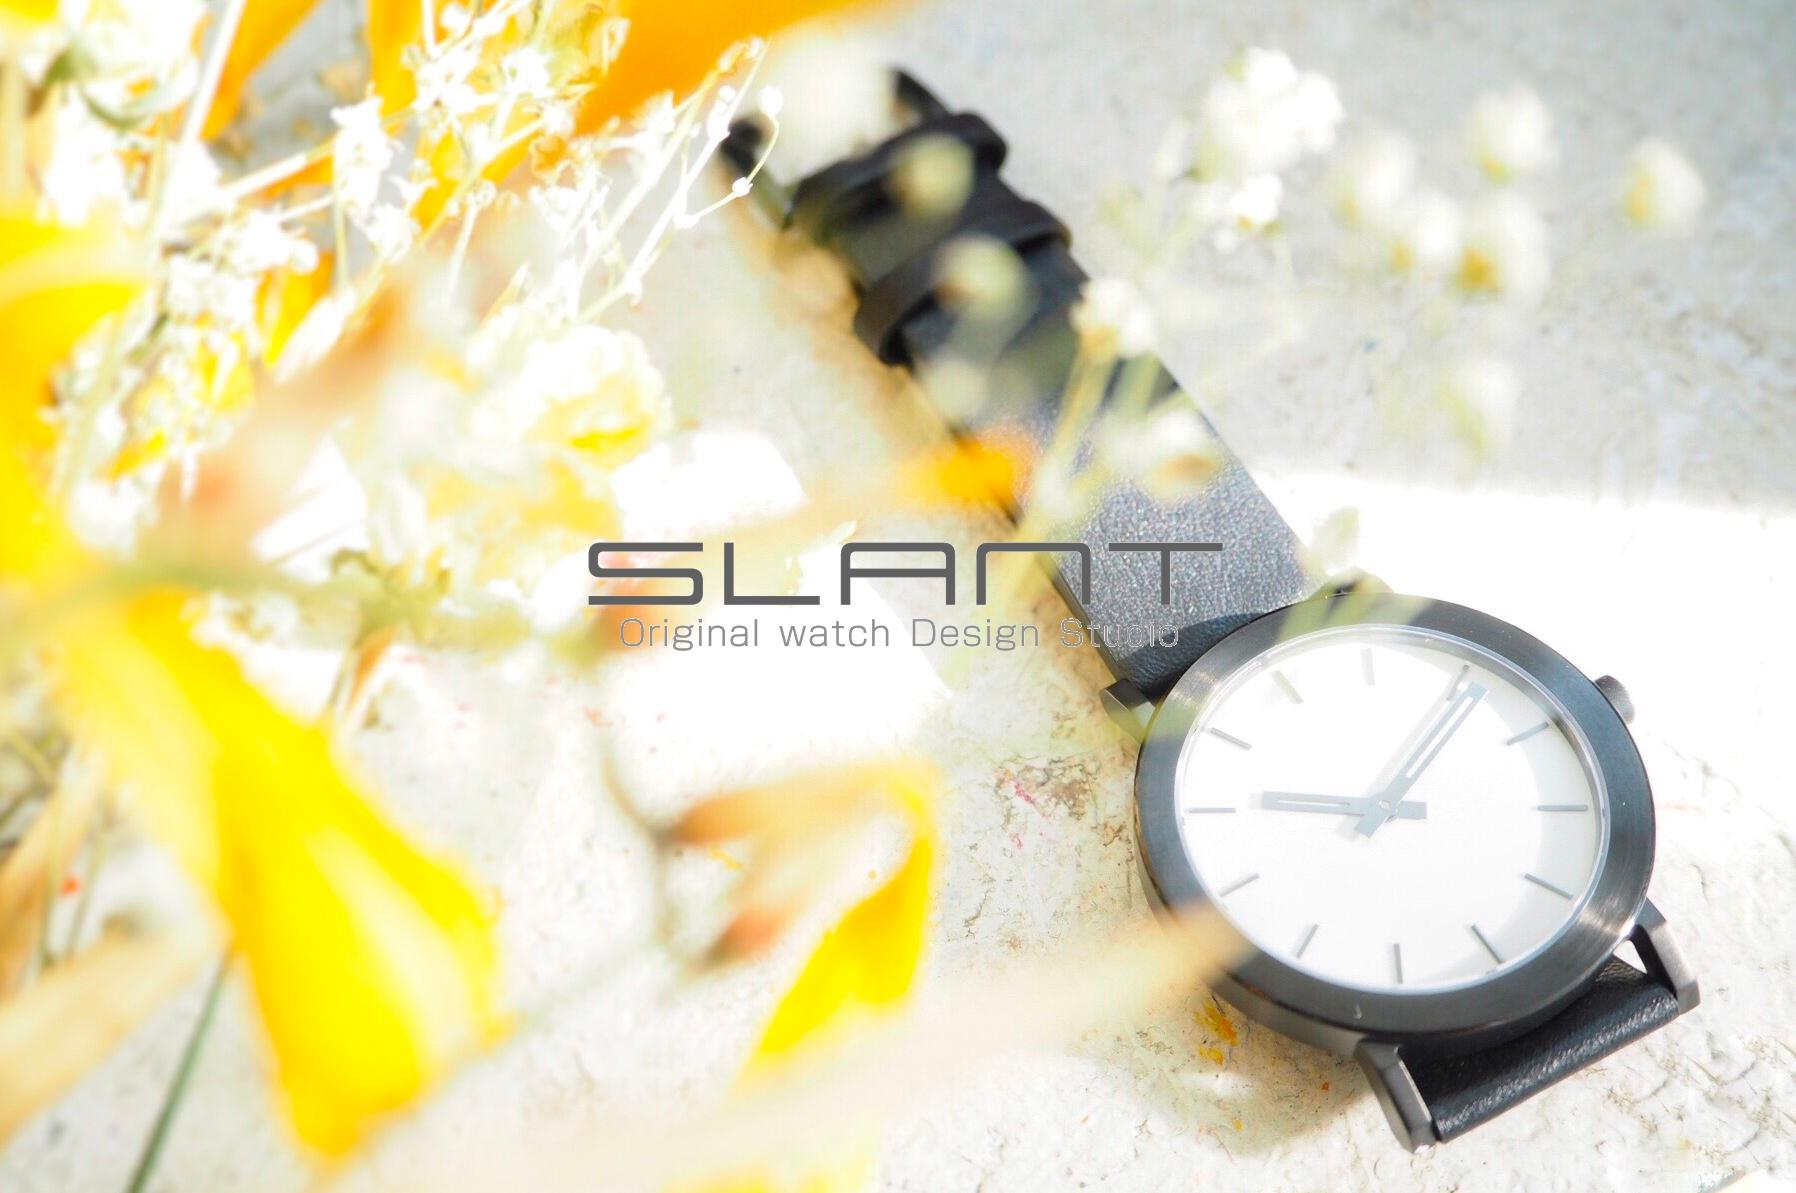 スラント カスタム腕時計の値段や口コミ評判を紹介